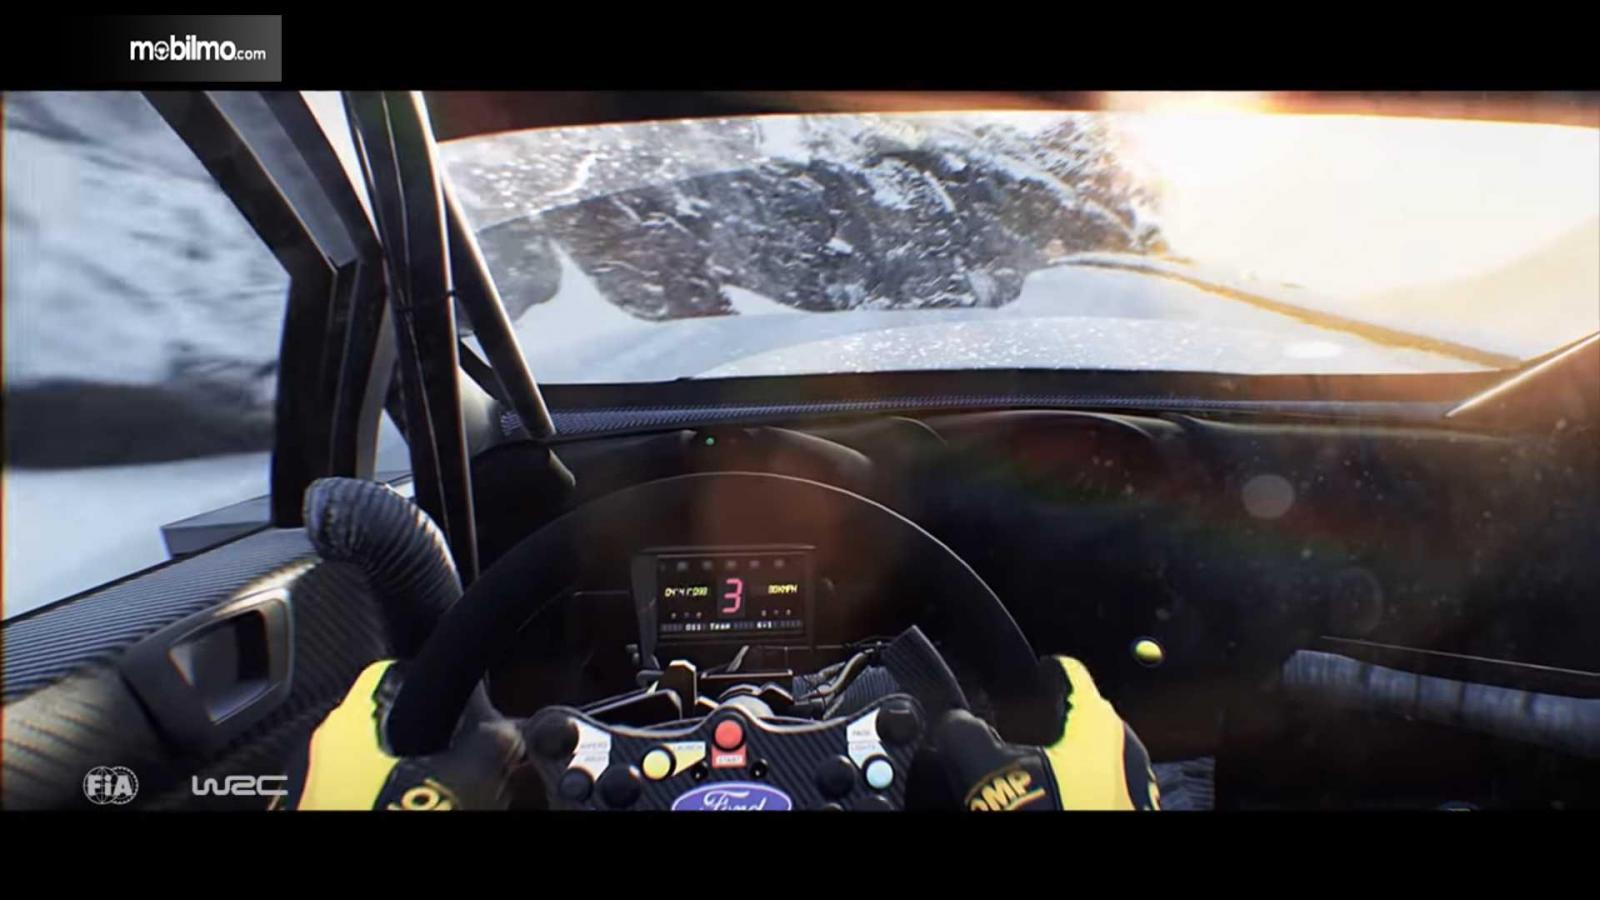 layar pengemudi dalam game WRC 8 di balik kemudi